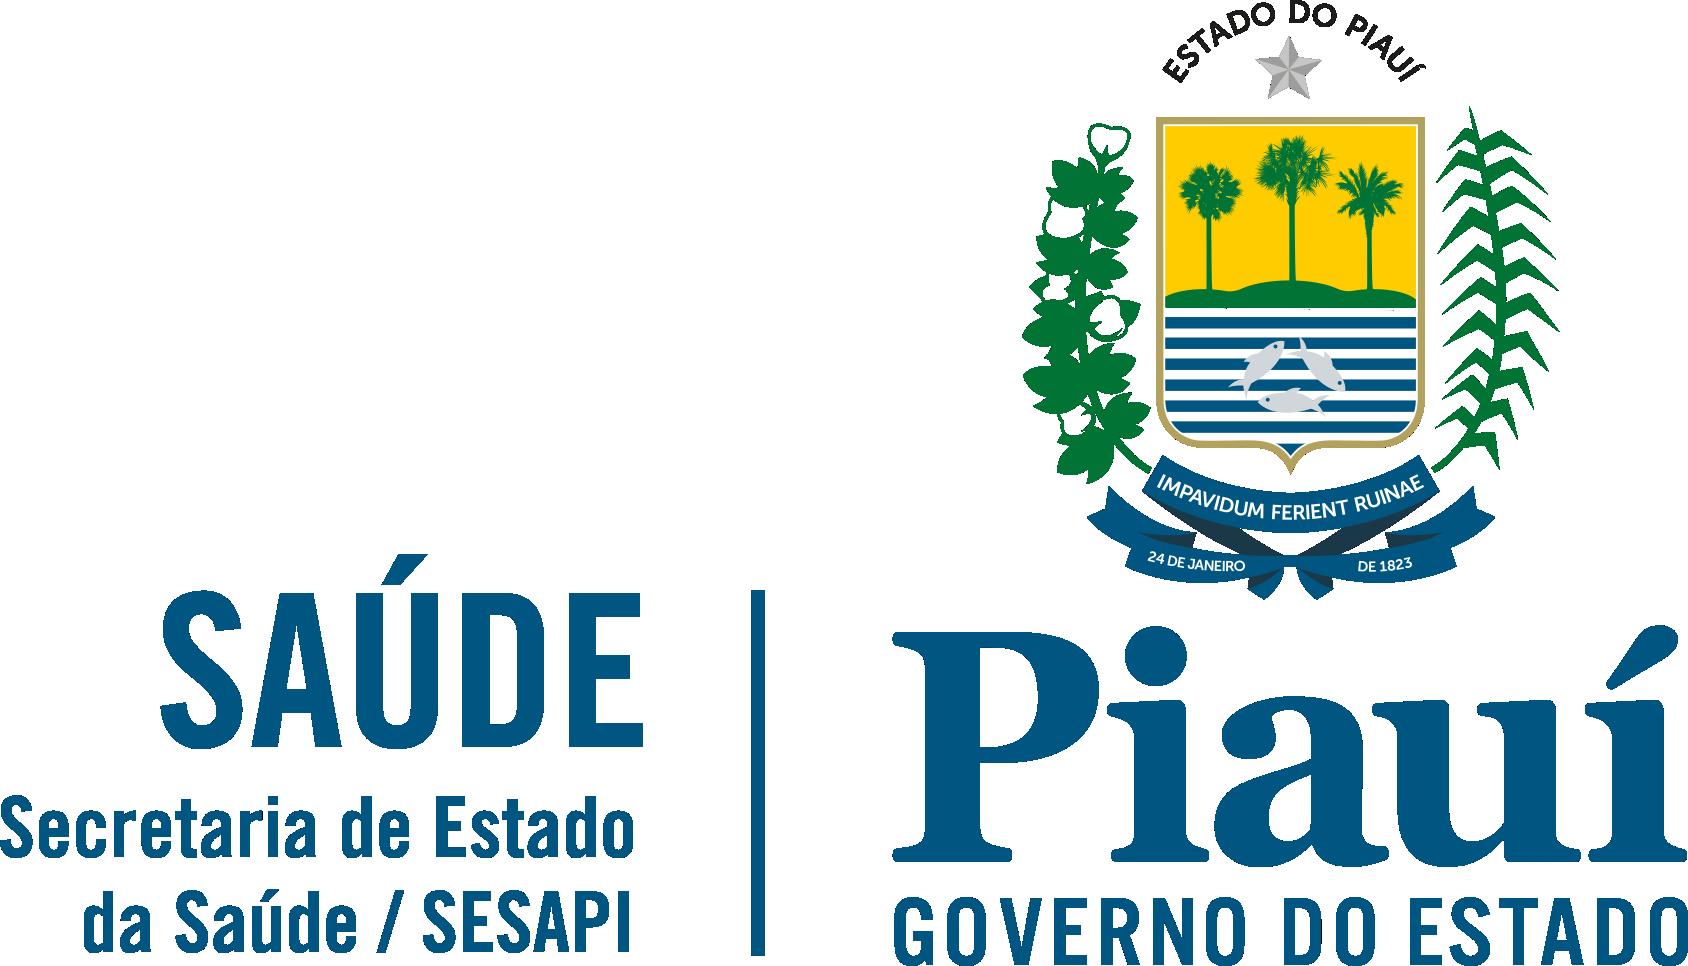 Blog do Pessoa: URGENTE: Em plena campanha governo segue dando calote nos prestadores de serviços do estado do Piauí